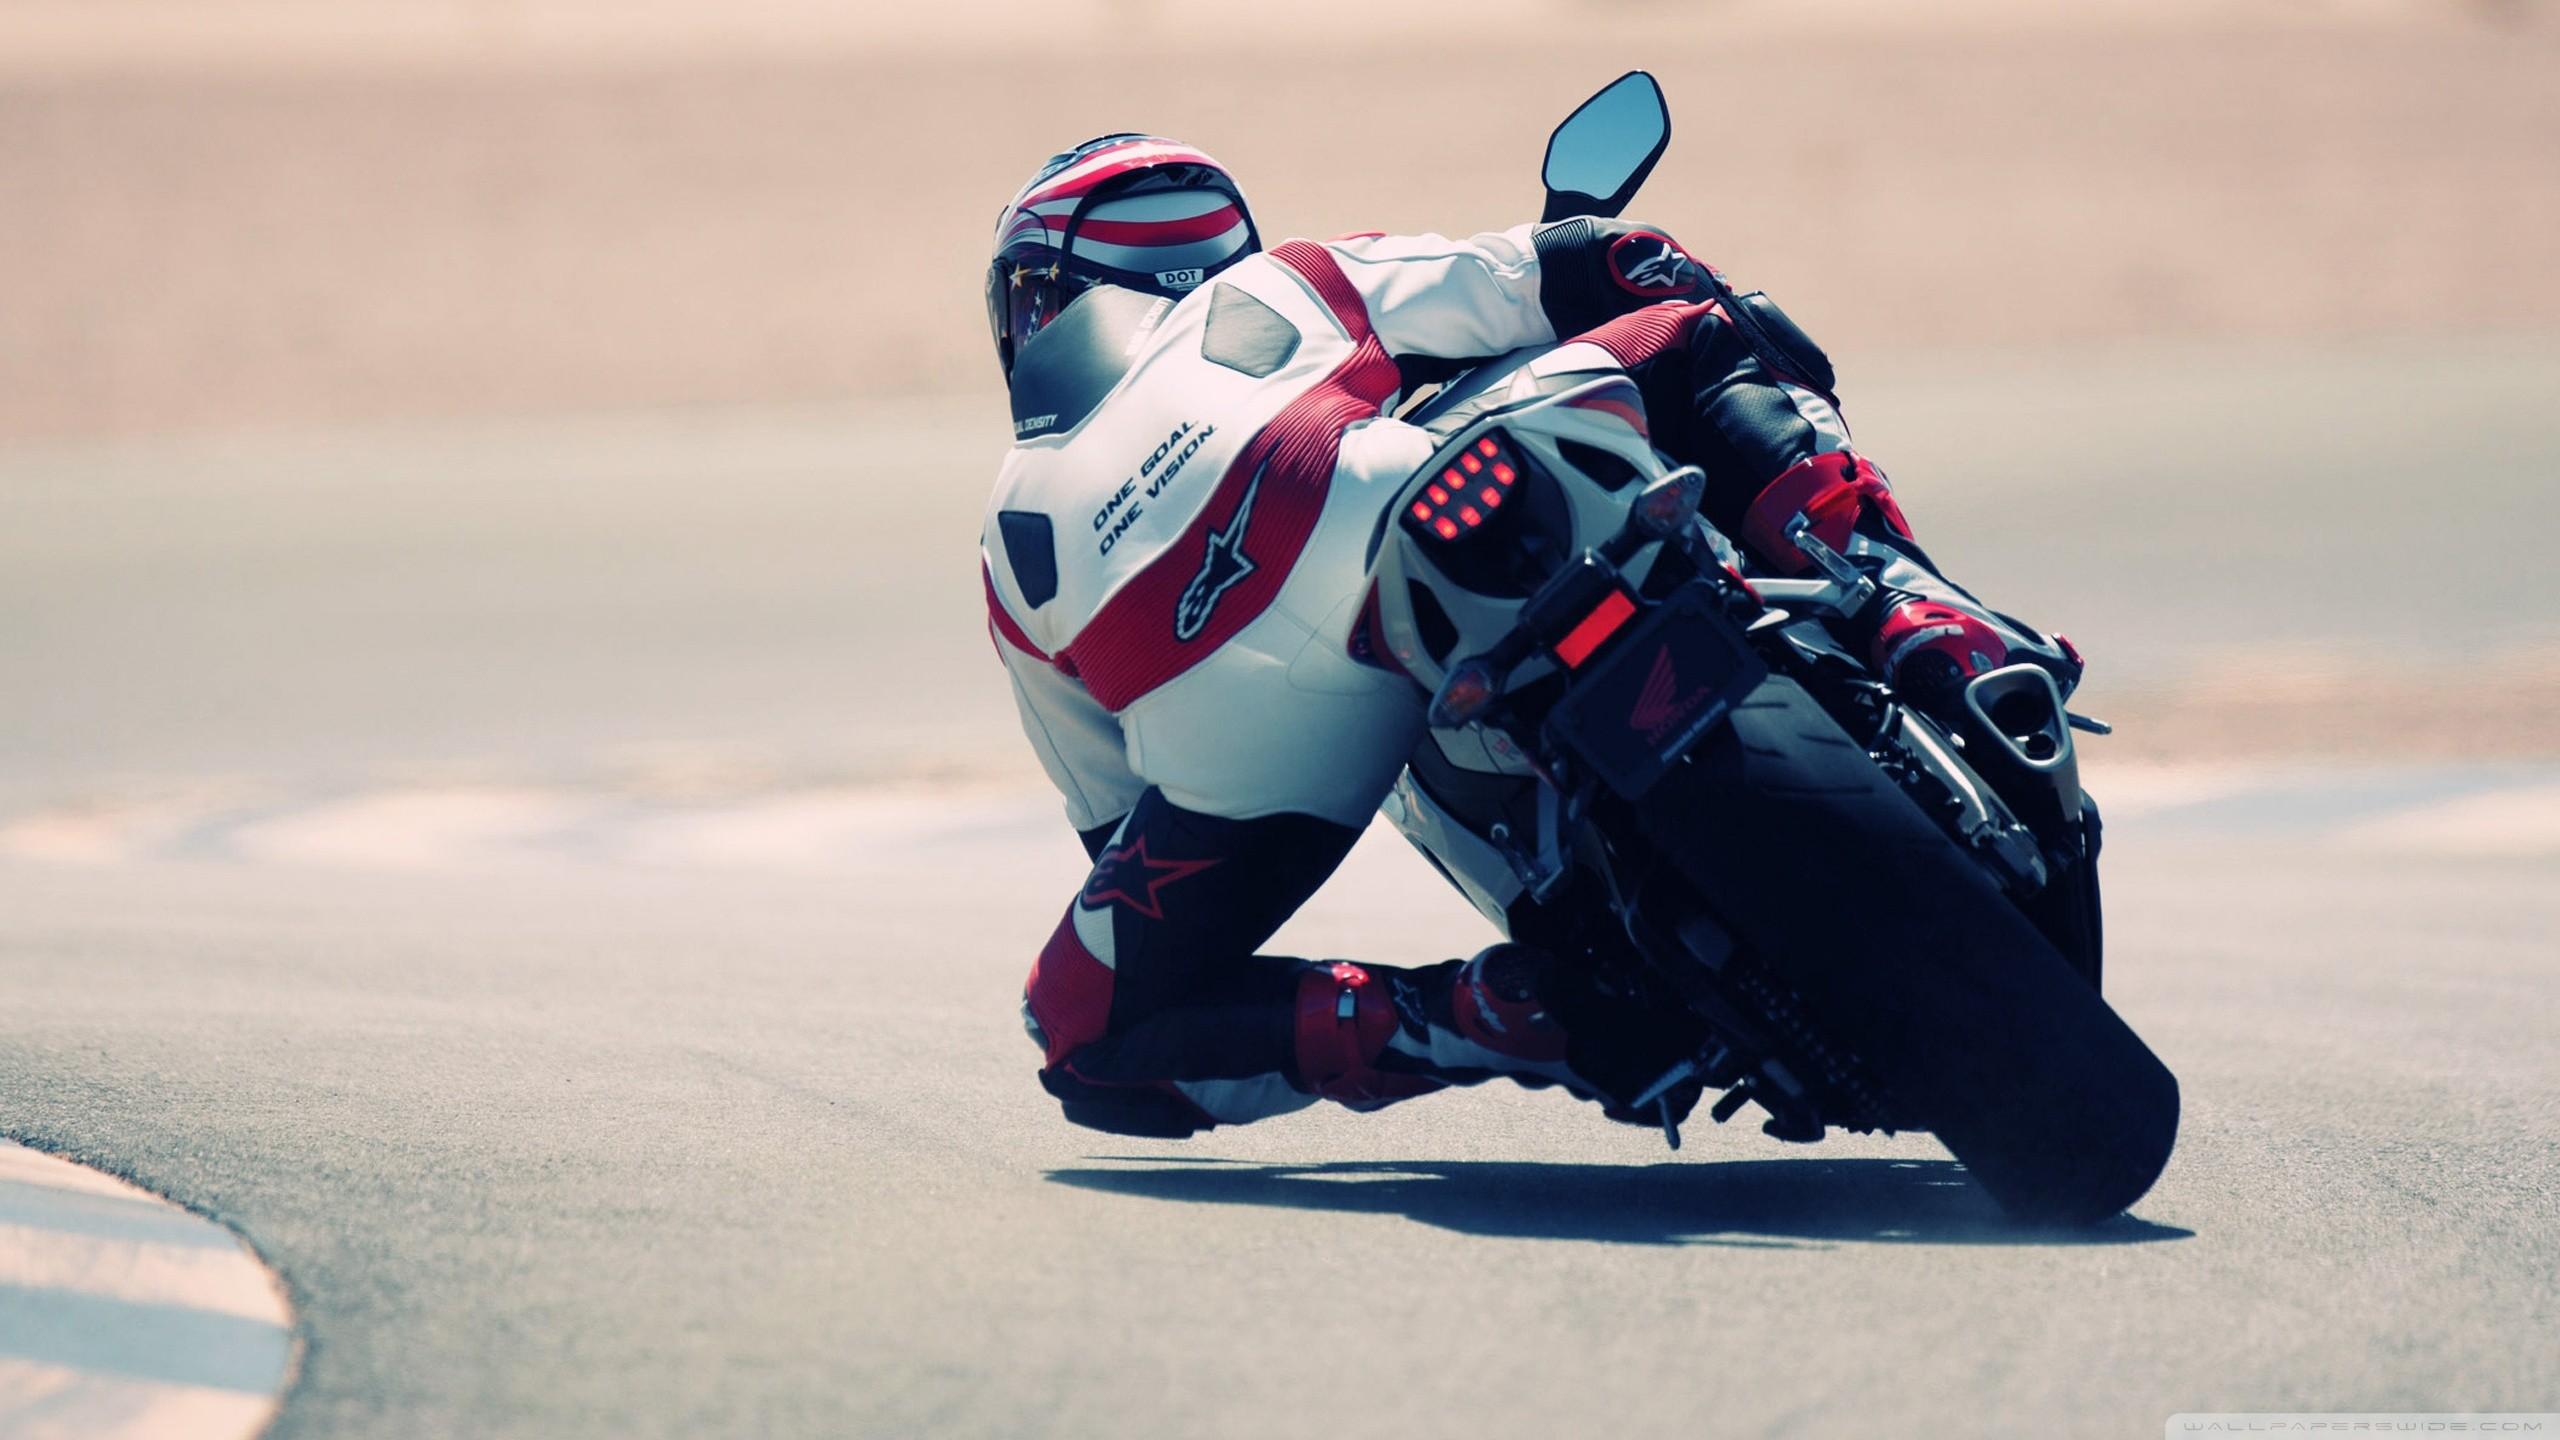 hinh nen sieu xe moto 19